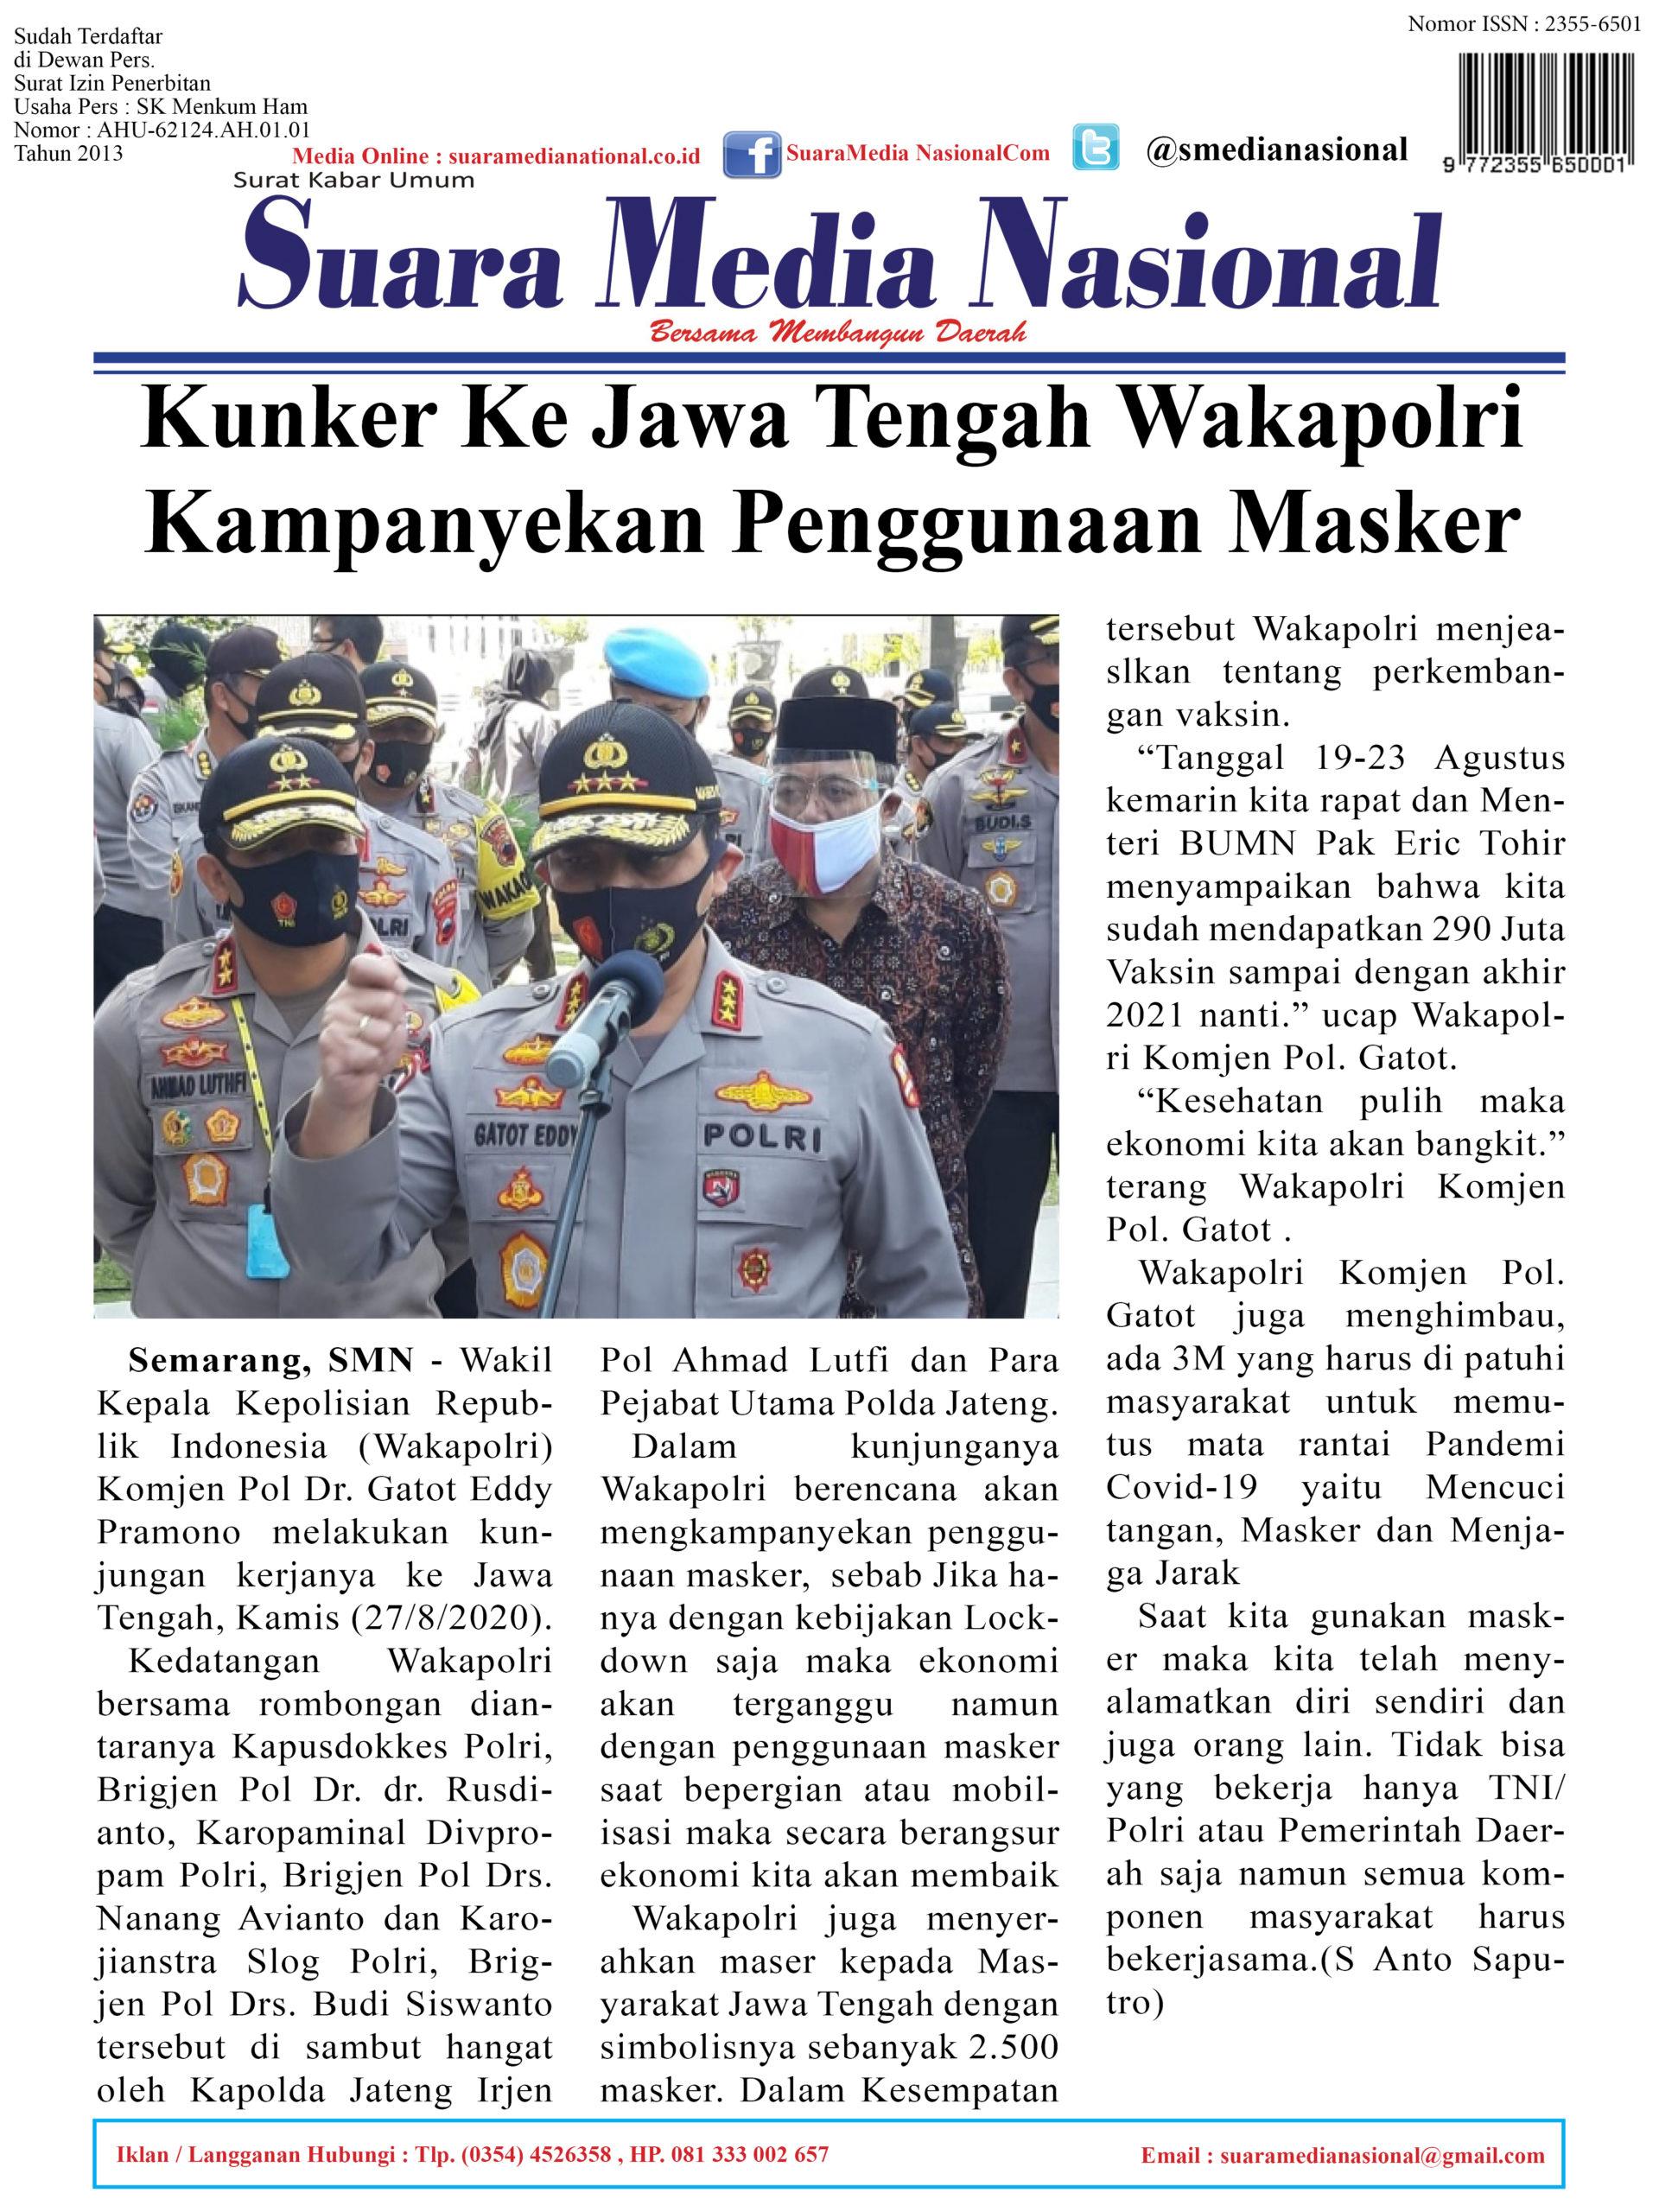 Kunker Ke Jawa Tengah Wakapolri Kampanyekan Penggunaan Masker